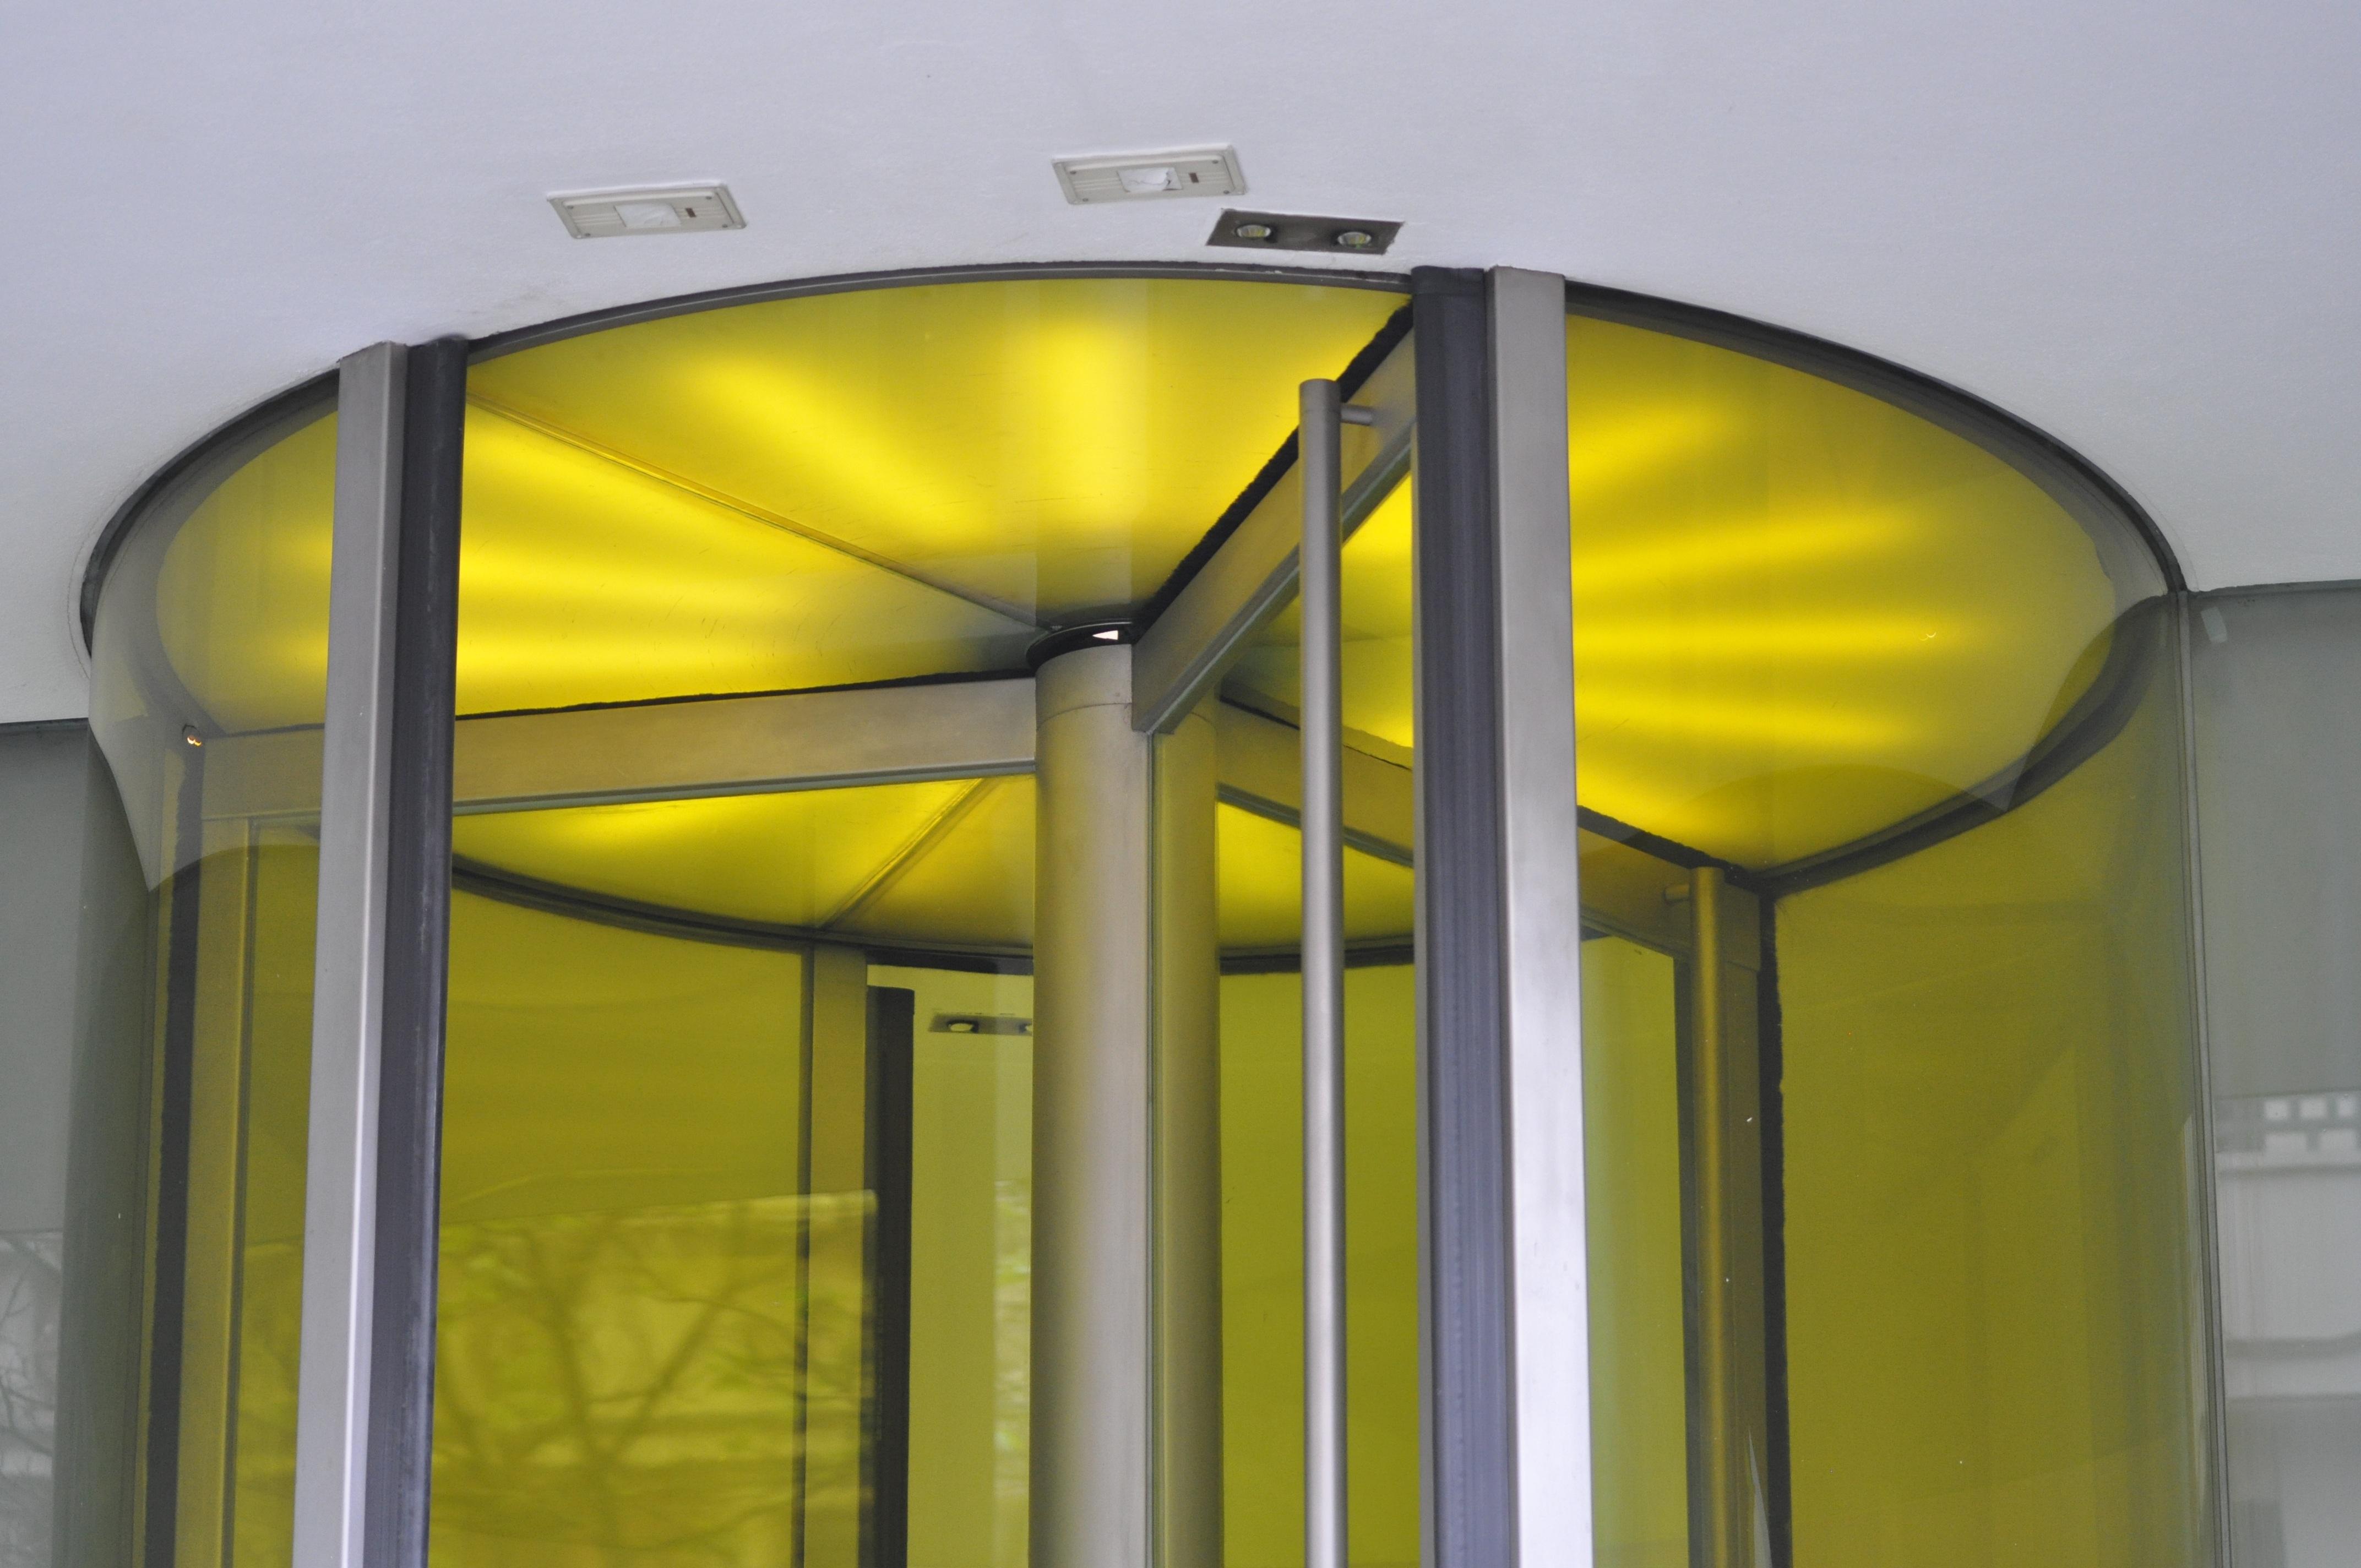 Stehlen Modern kostenlose foto öffnen licht die architektur fenster glas